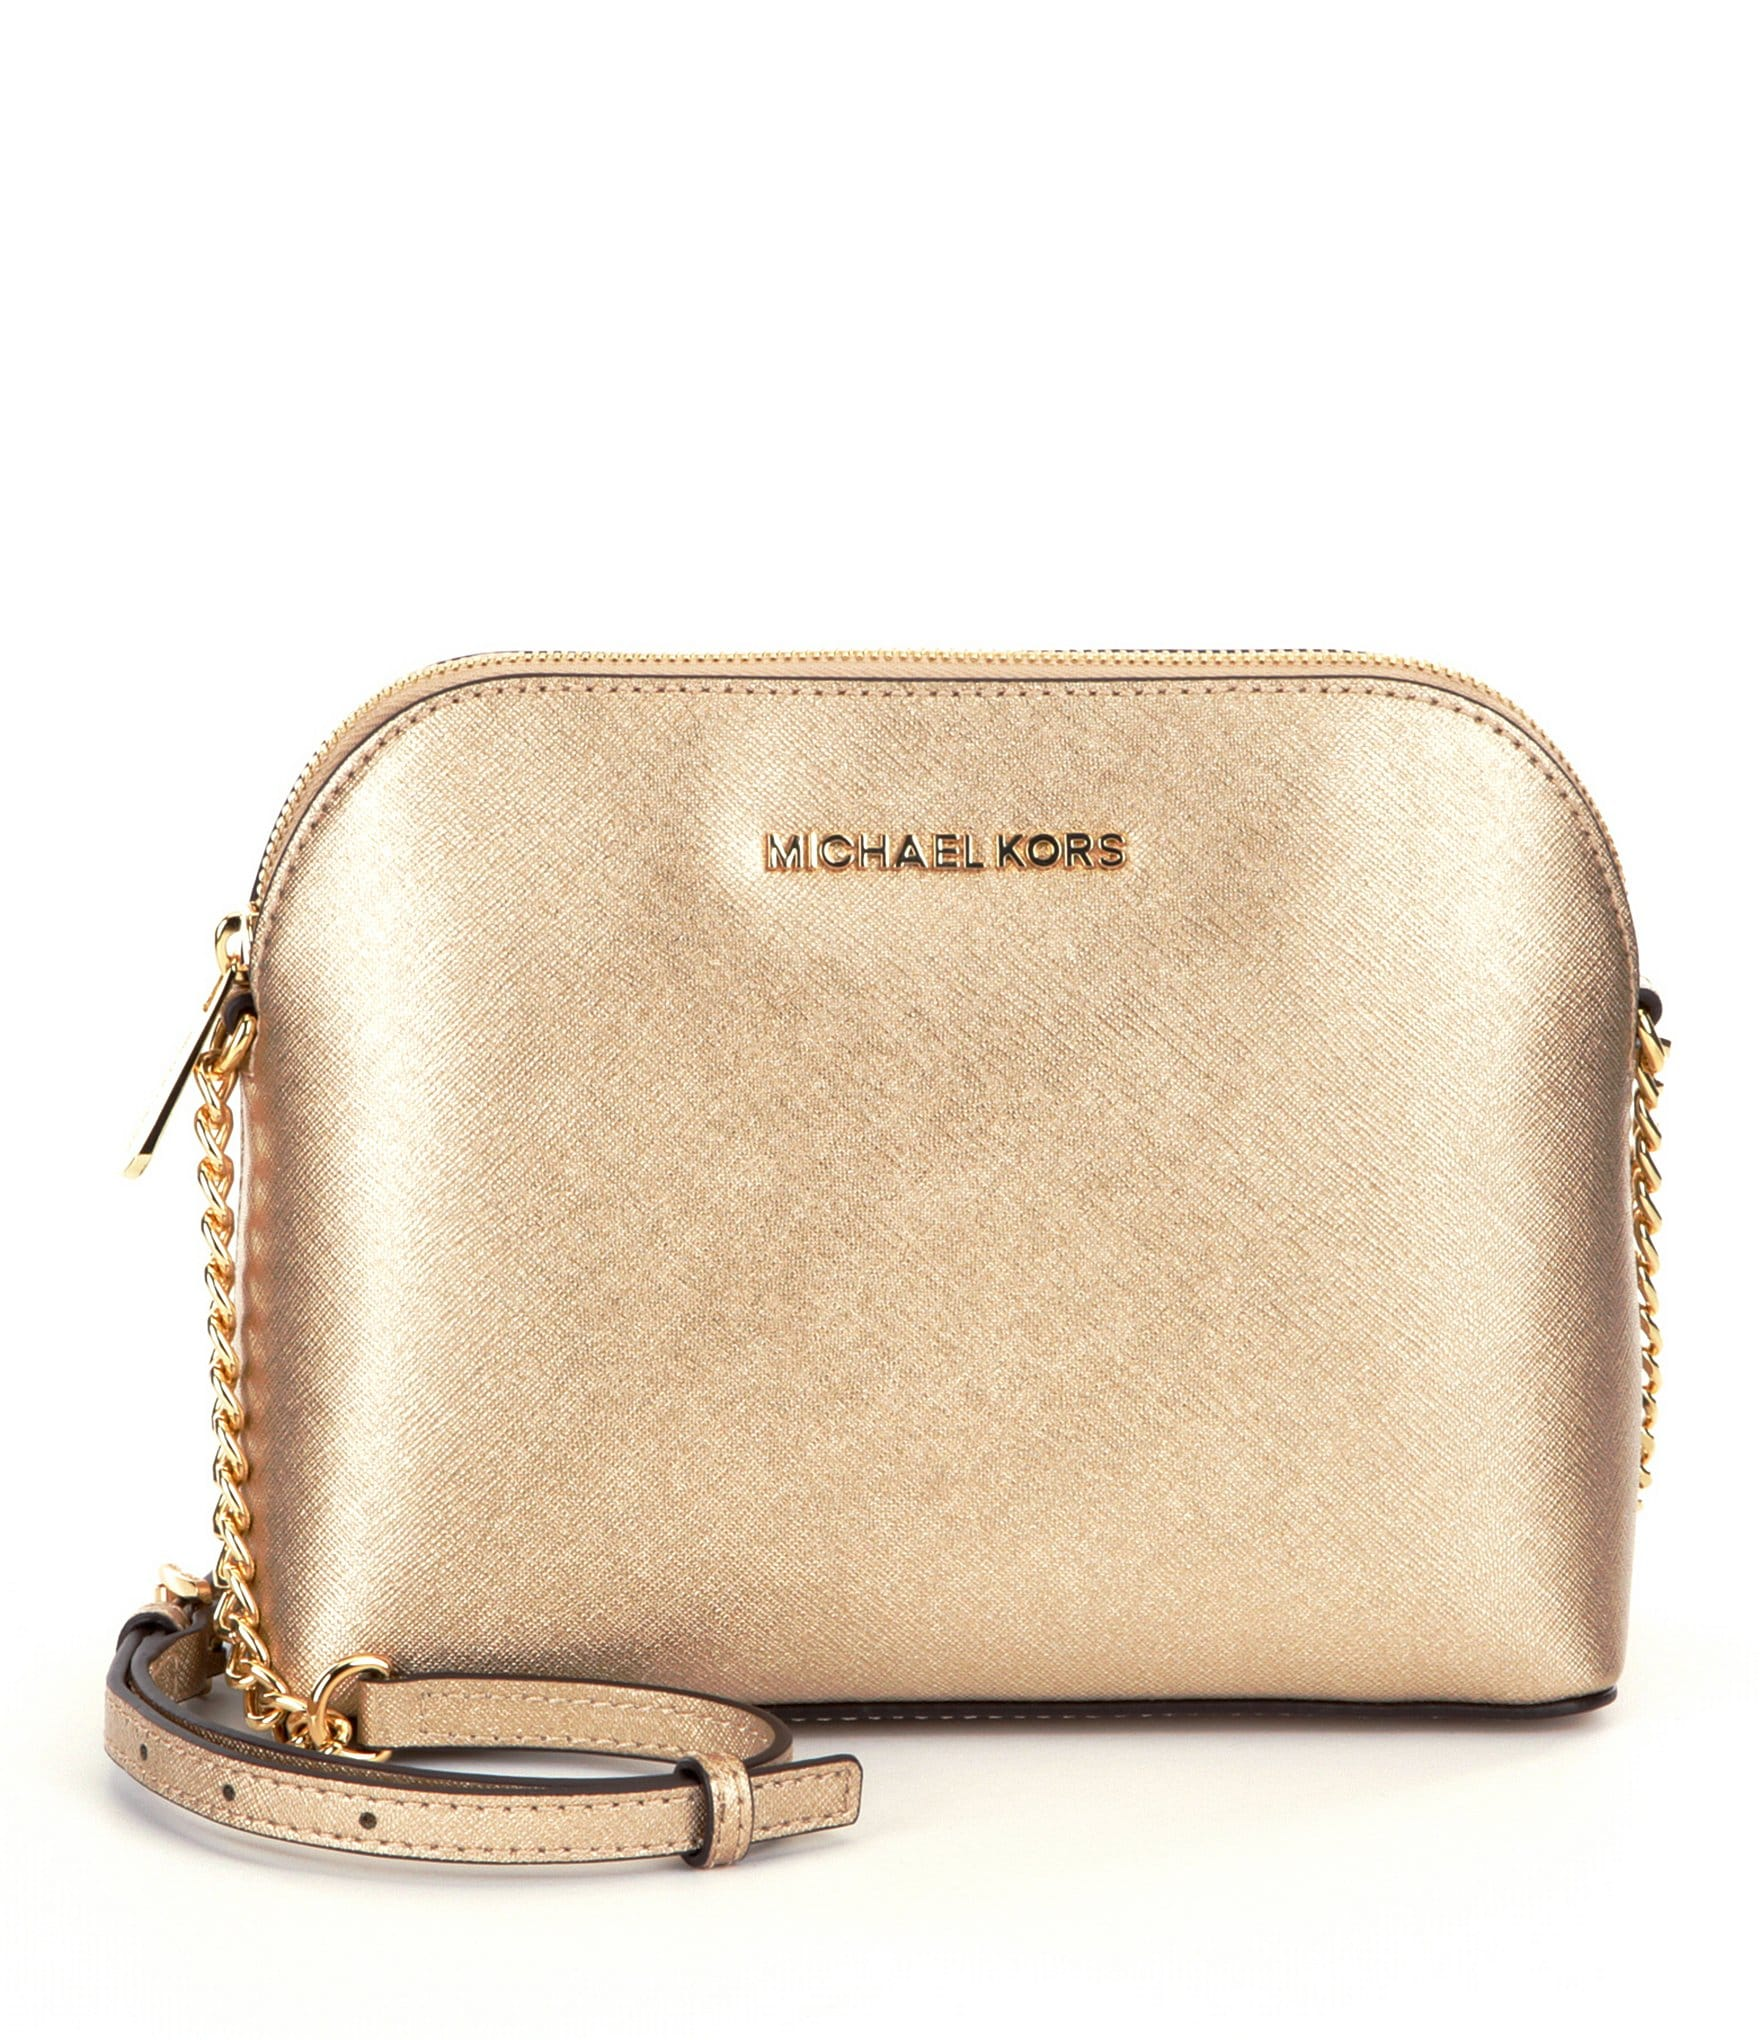 M Kors Handbags Wallets 2018 Style Guru Fashion Glitz